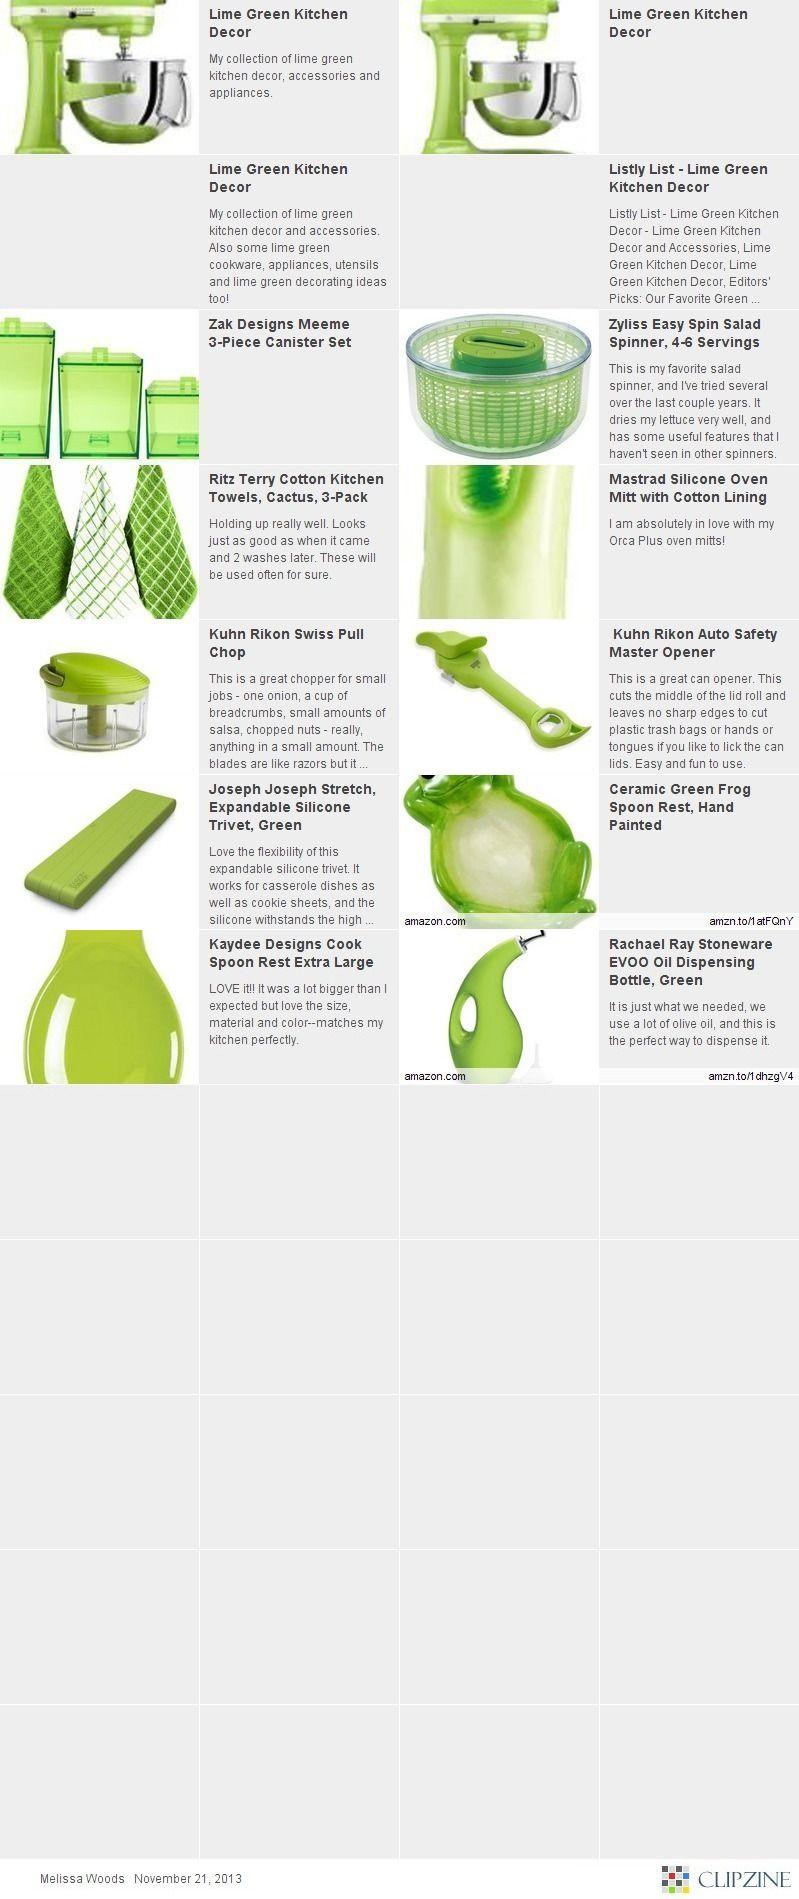 Lime Green Kitchen Decor That I Love Lime Green Kitchen Green Kitchen Decor Green Kitchen Lime green kitchen utensils